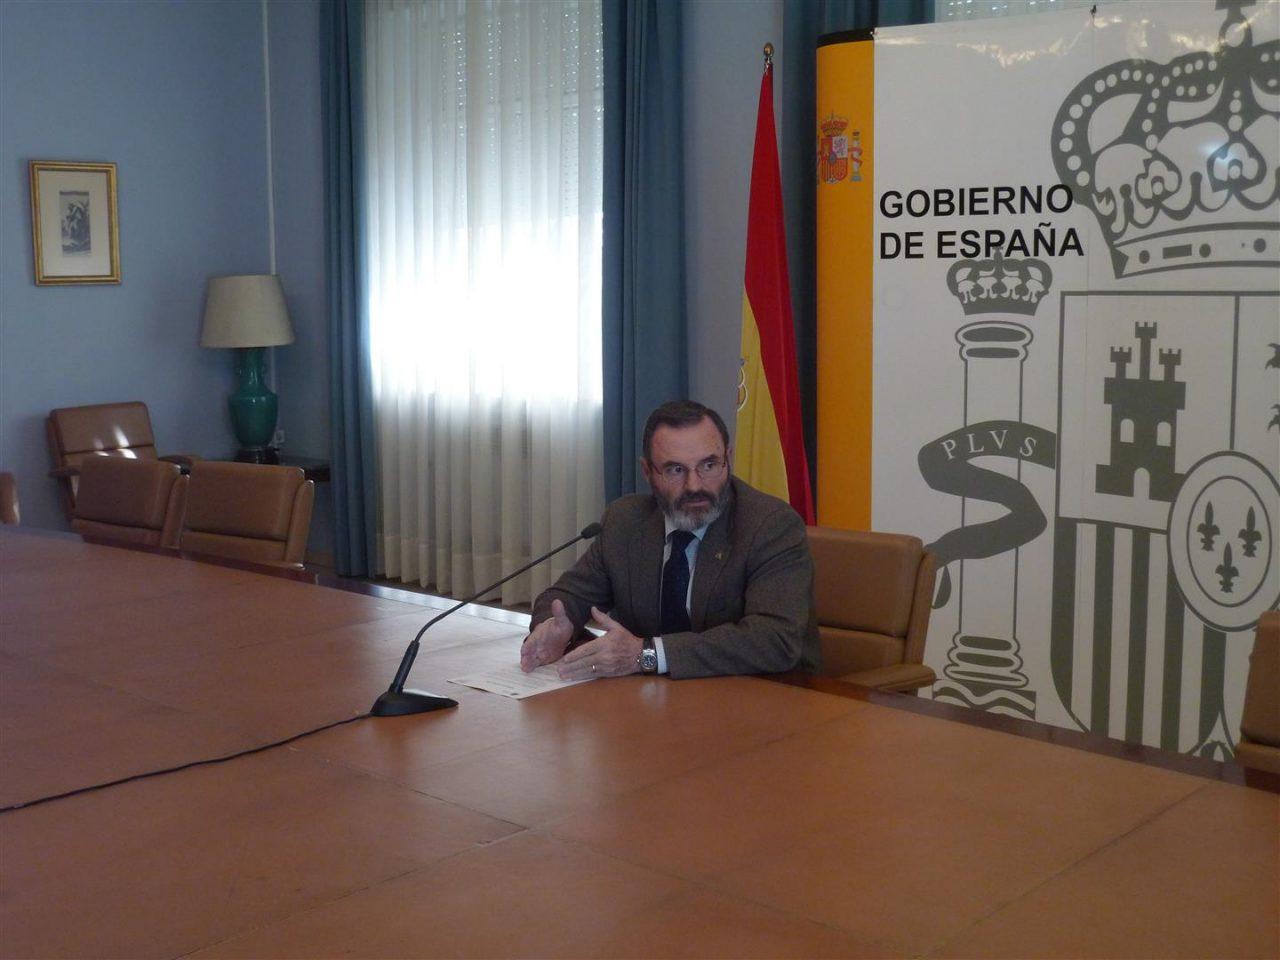 Crespo defiende la gestión de Arias Cañete y pide a la Junta que «deje de utilizar la PAC contra el Gobierno»